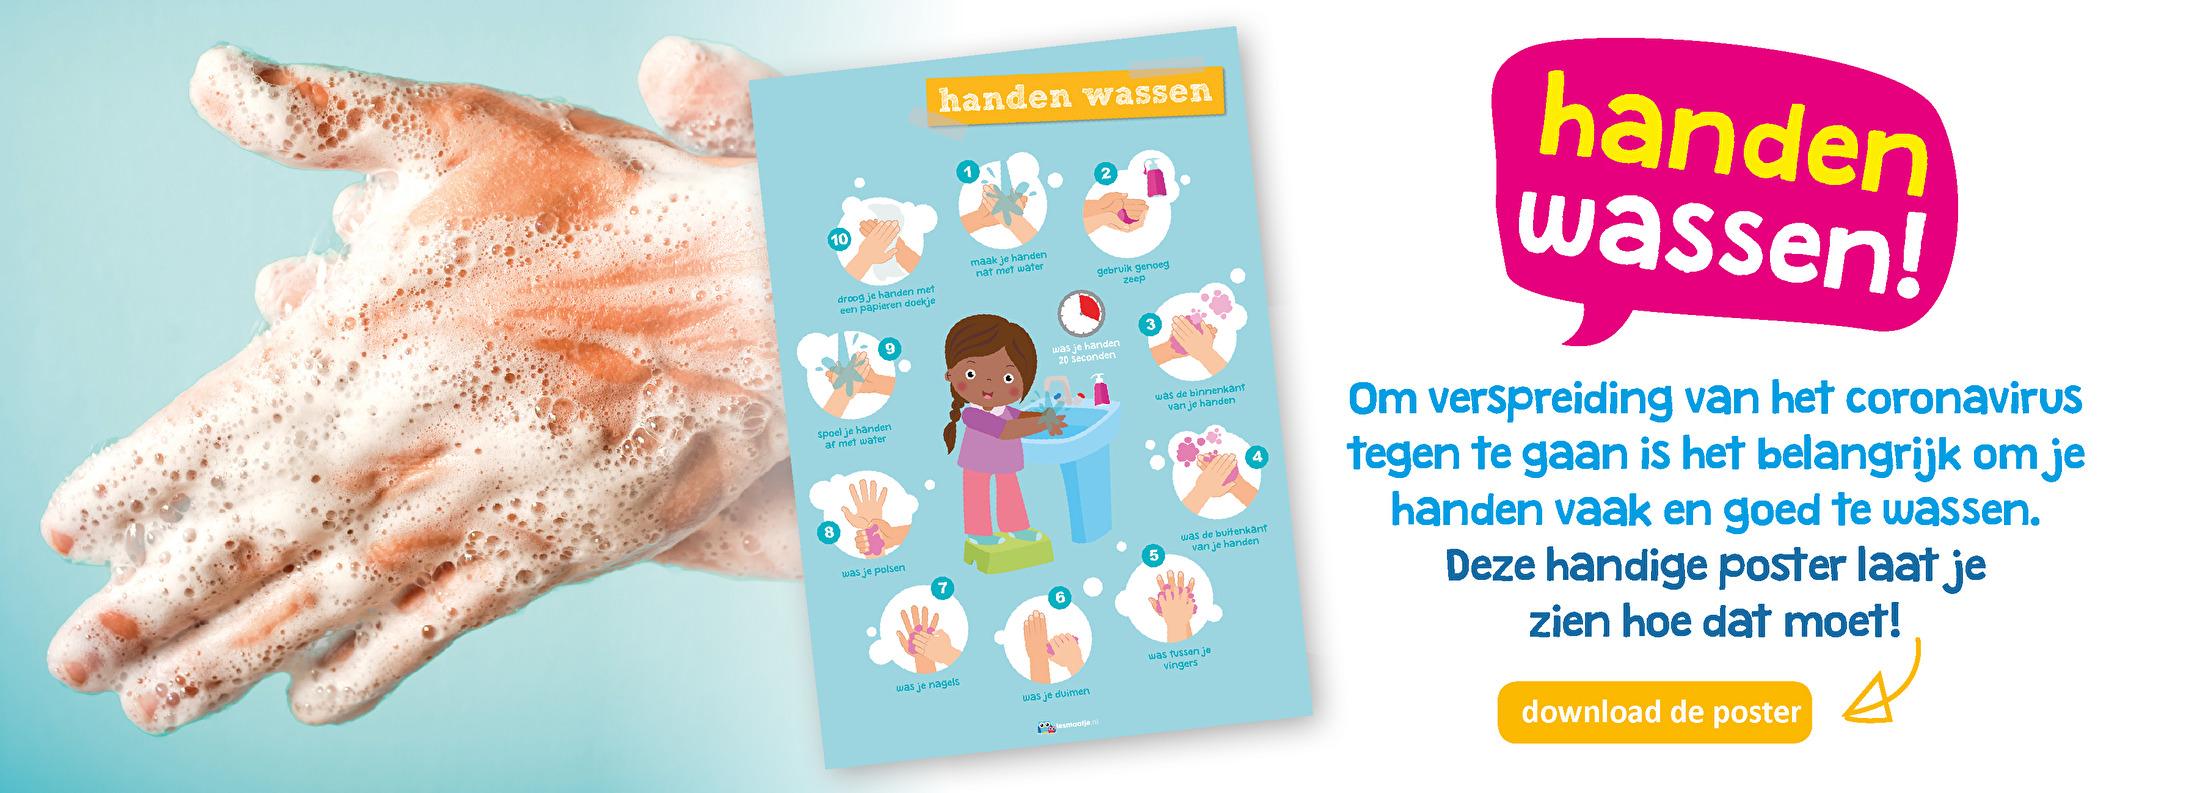 handen wassen poster